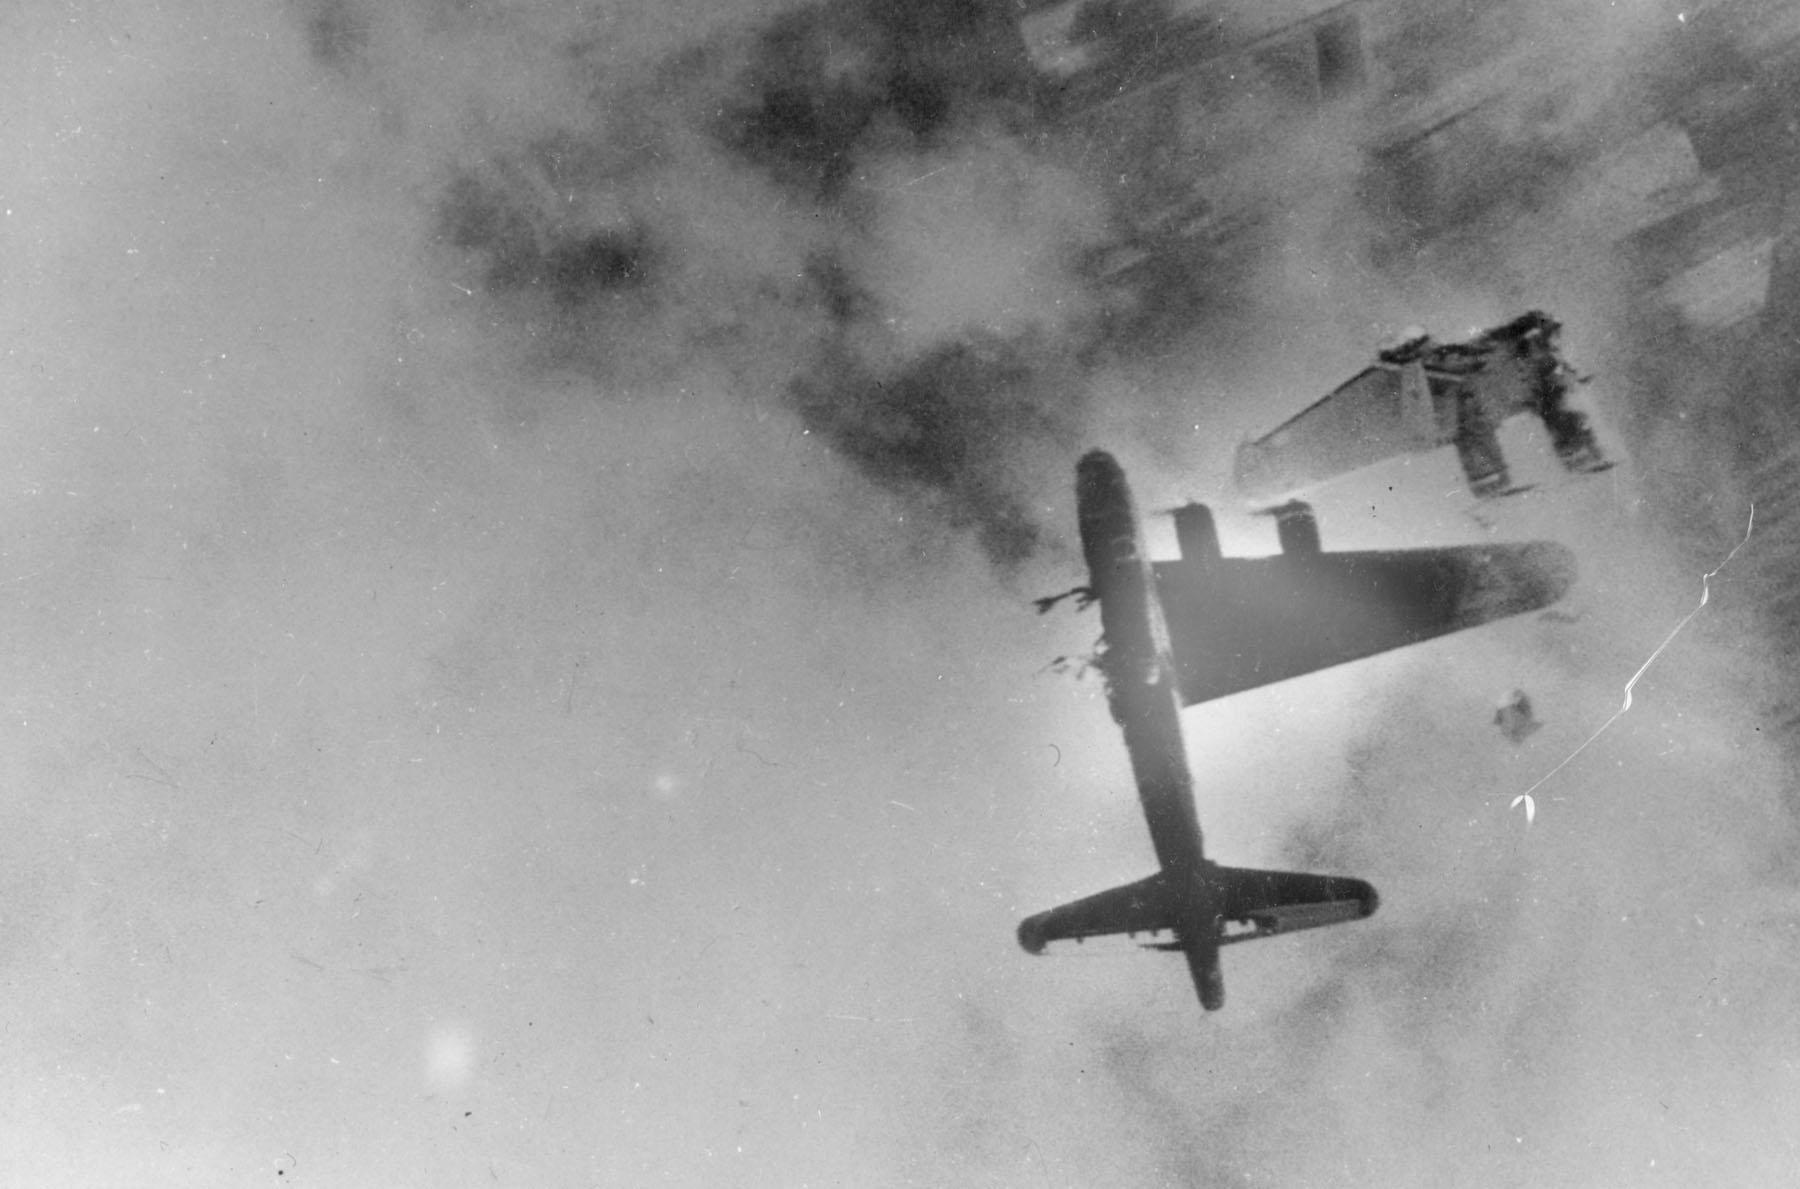 Un Boeing B-17 despedazado por los cañones de 30 mm de un reactor Me 262. Aunque la foto es de un combate diurno, por la noche, con el techo de nubes iluminado desde abajo por los reflectores de la artillería antiaérea, la visibilidad era muy parecida a la que apreciamos aquí. fuente: U.S. Air Force